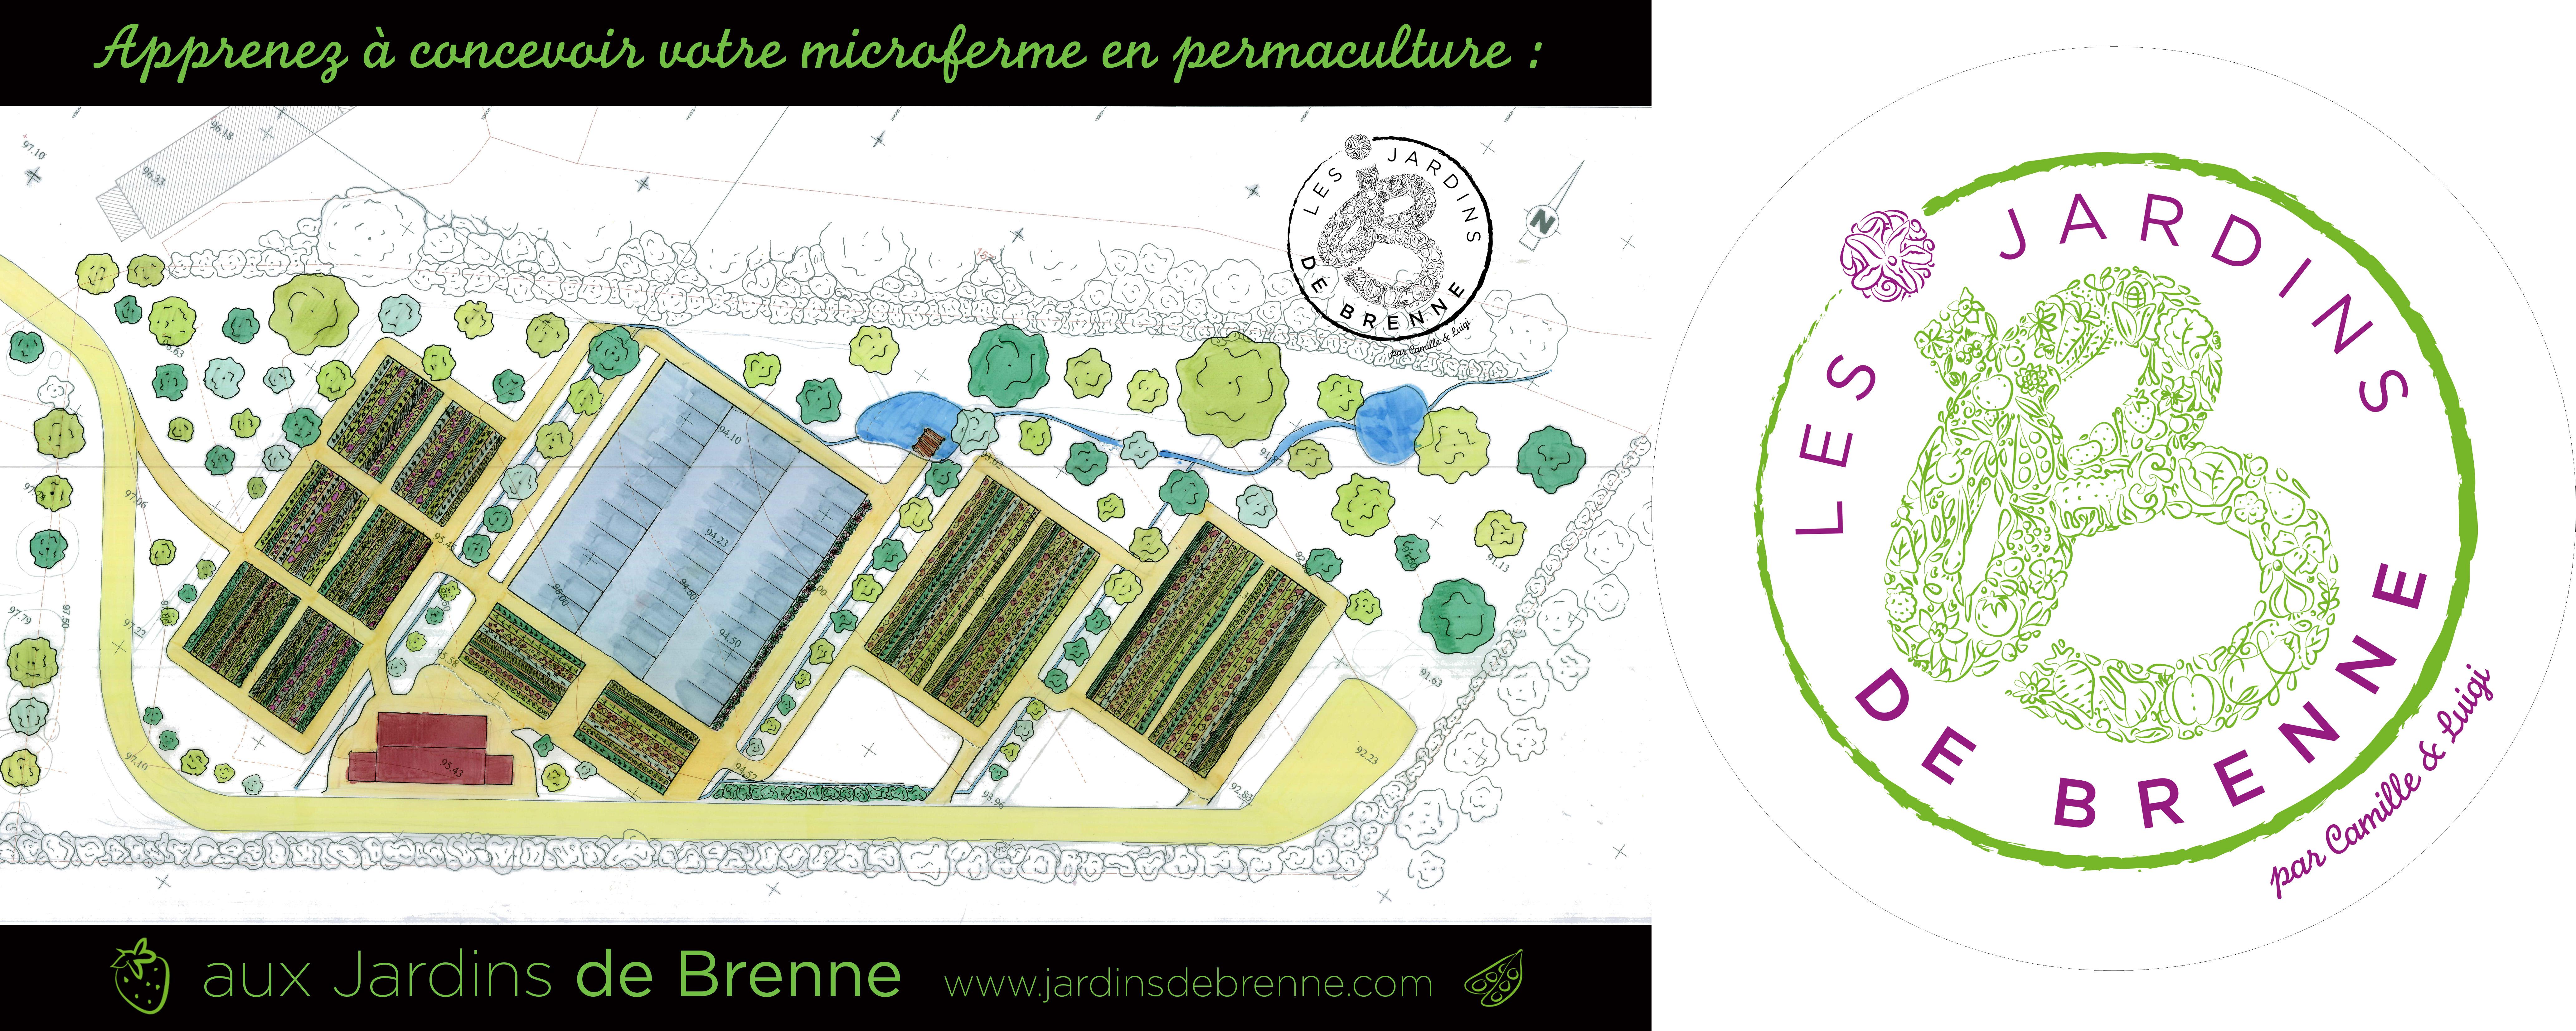 La microferme permaculturelle, devenir paysan en permaculture (Indre) @ Les Jardins de Brenne